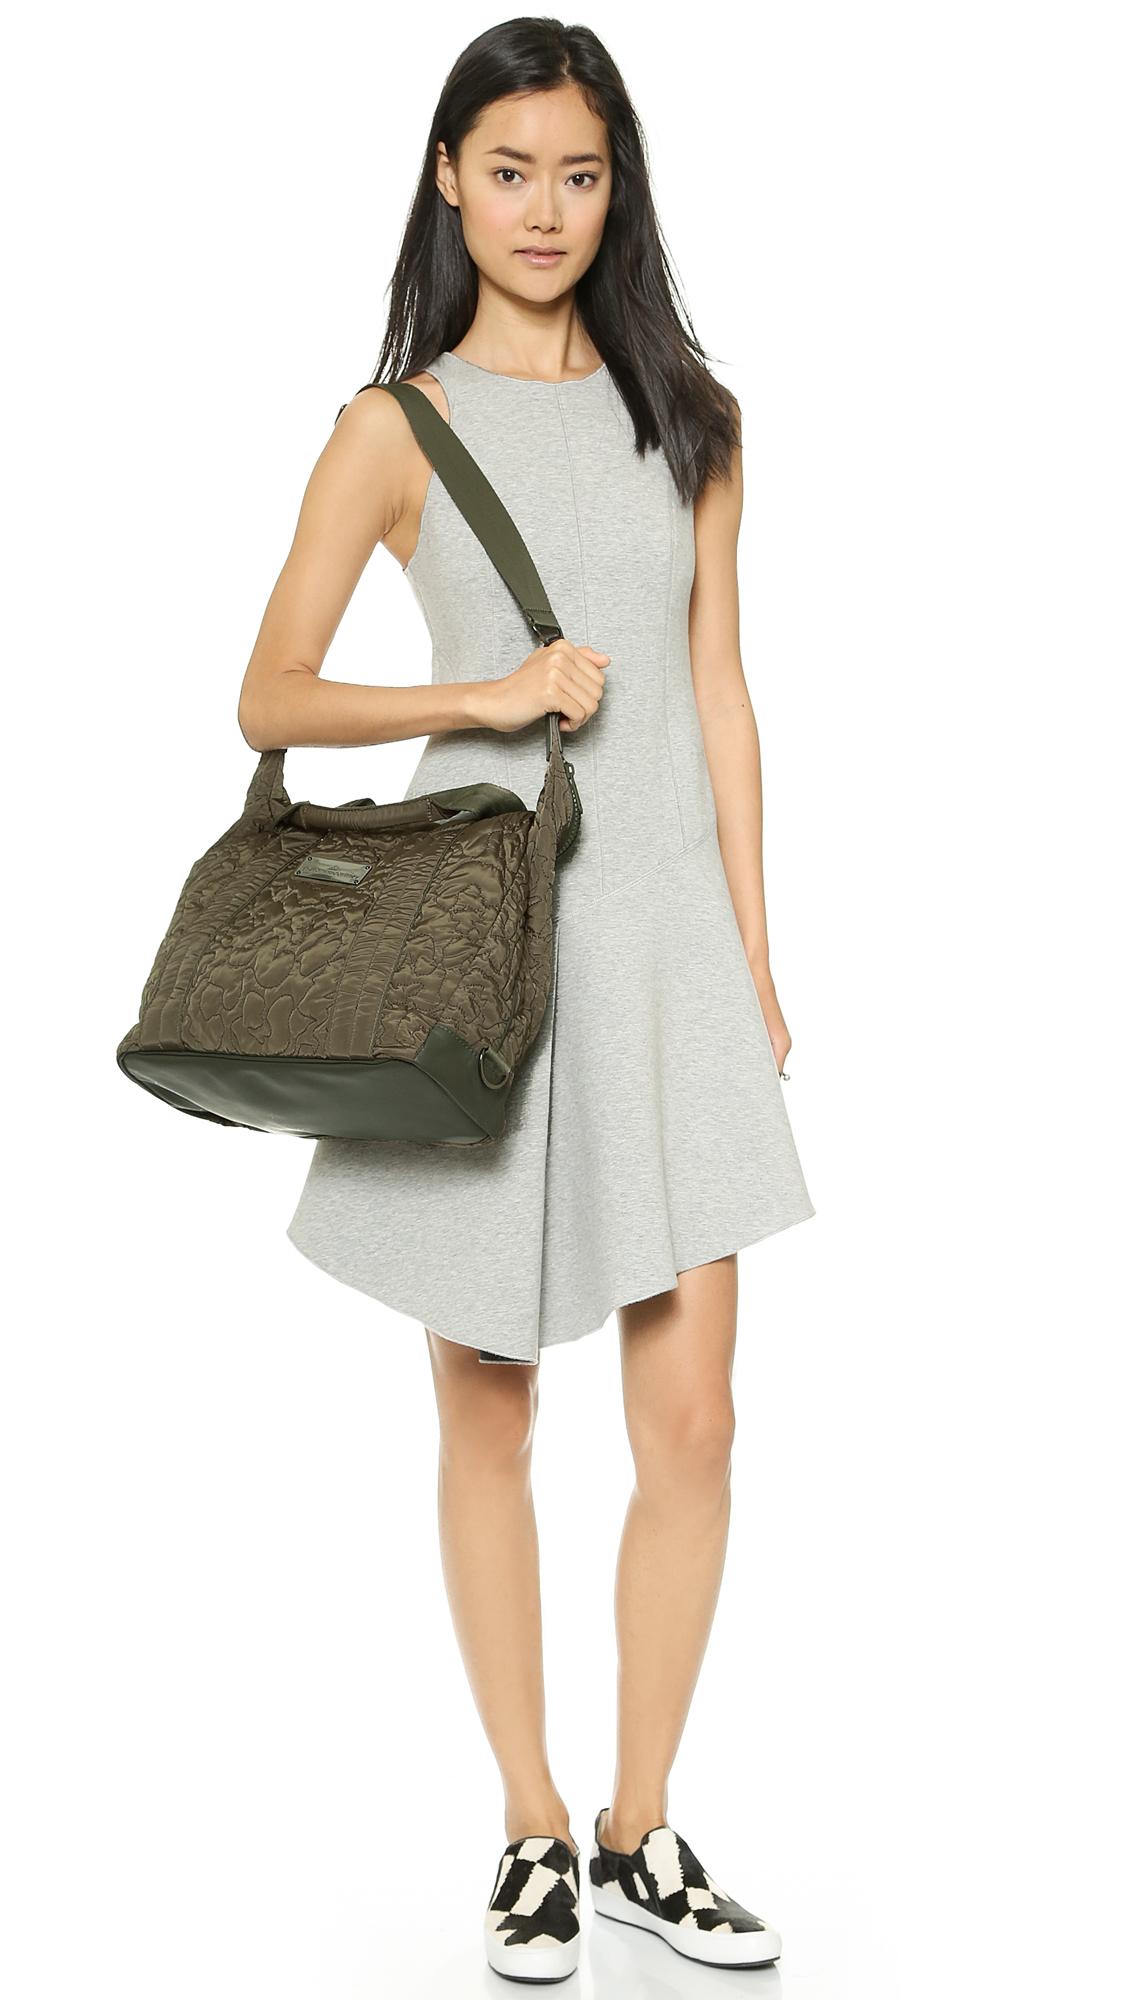 59e5a3100783 Lyst - adidas By Stella McCartney Small Gym Bag - Cargo in Green